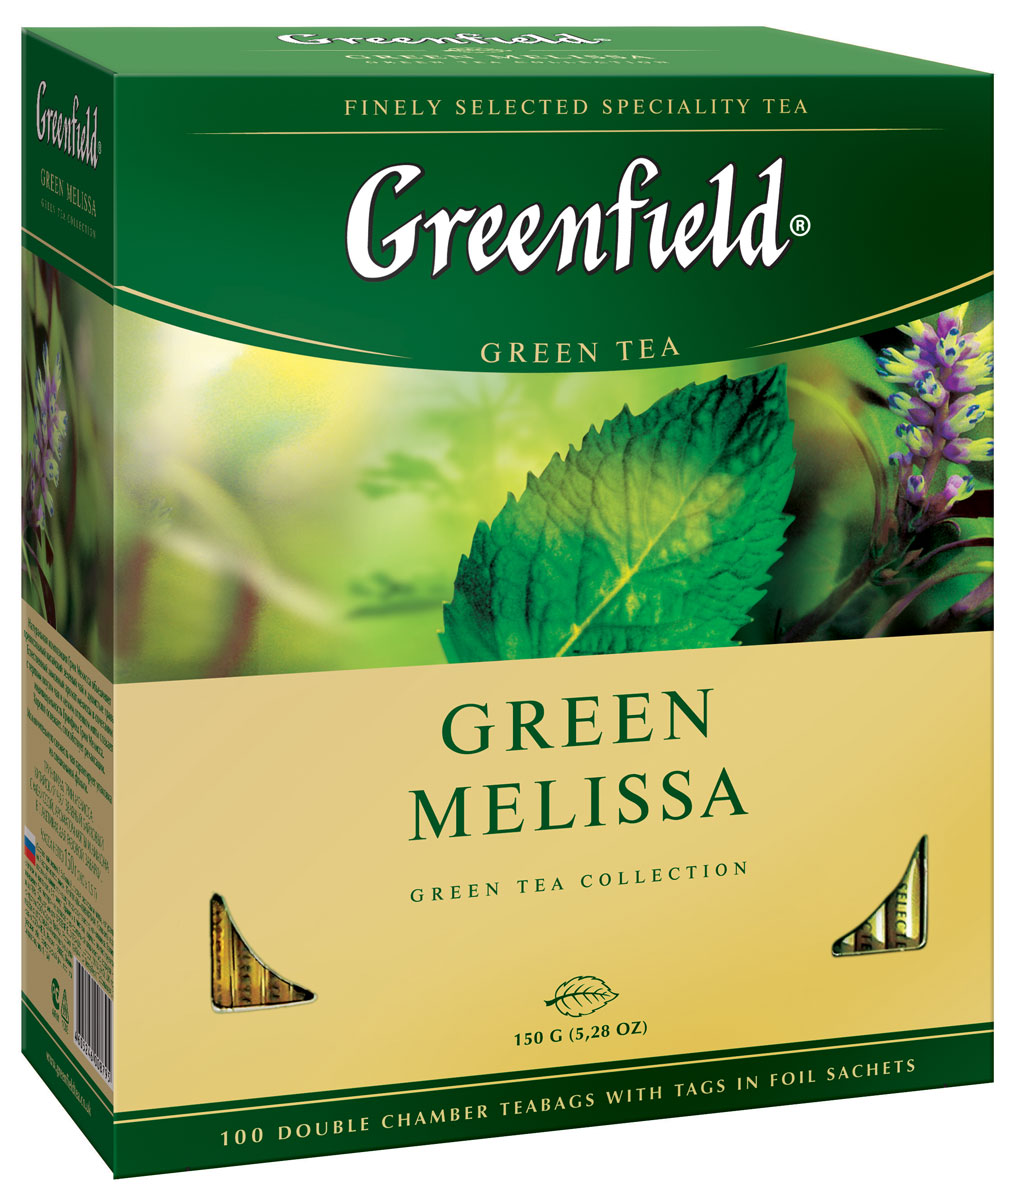 Greenfield Green Melissa зеленый чай в пакетиках, 100 шт lipton lemon melissa green tea зеленый чай в пирамидках с листочками лимонной мяты 20 шт